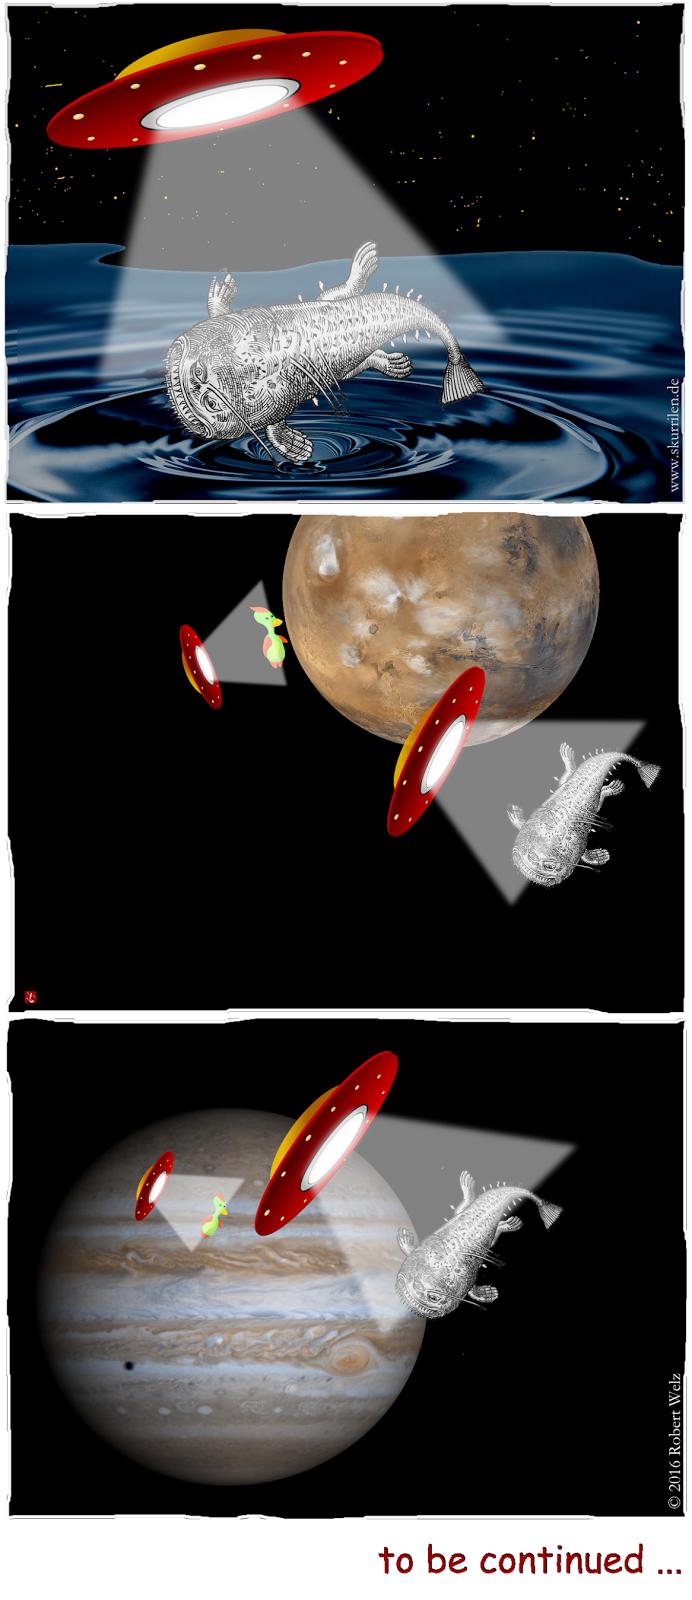 Was planen die außerirdischen Besucher mit unserem Seeungeheuer? Ist der Mars besiedelt? Wohin geht die Reise der Untertassen?